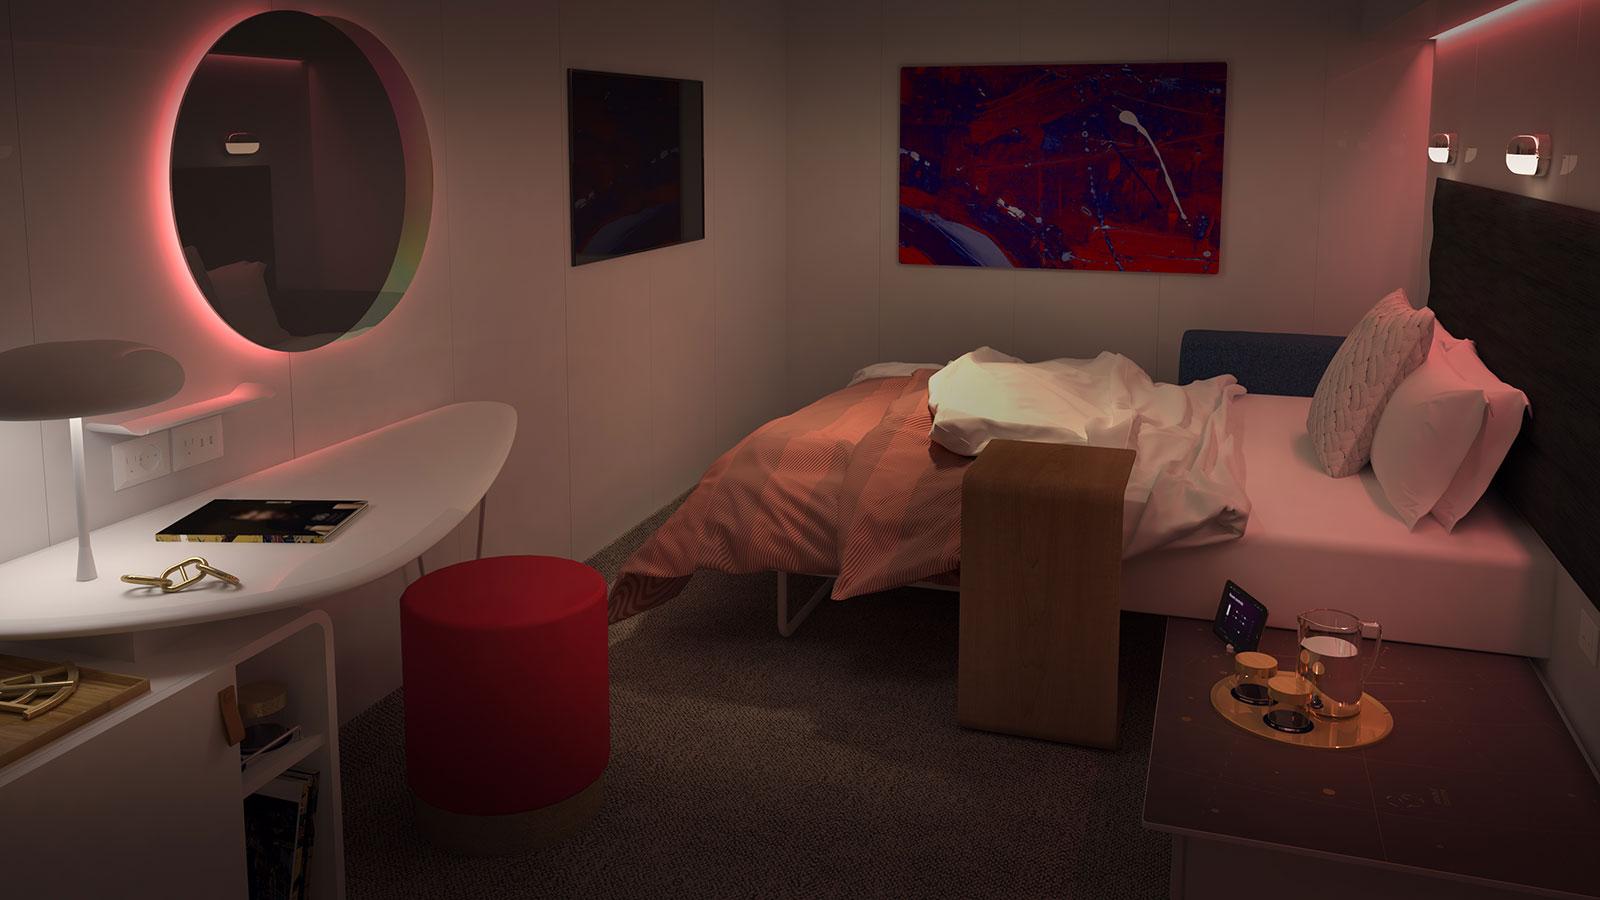 RDR-CAB-insider-cabin-night-v3-04-1600x900.jpg